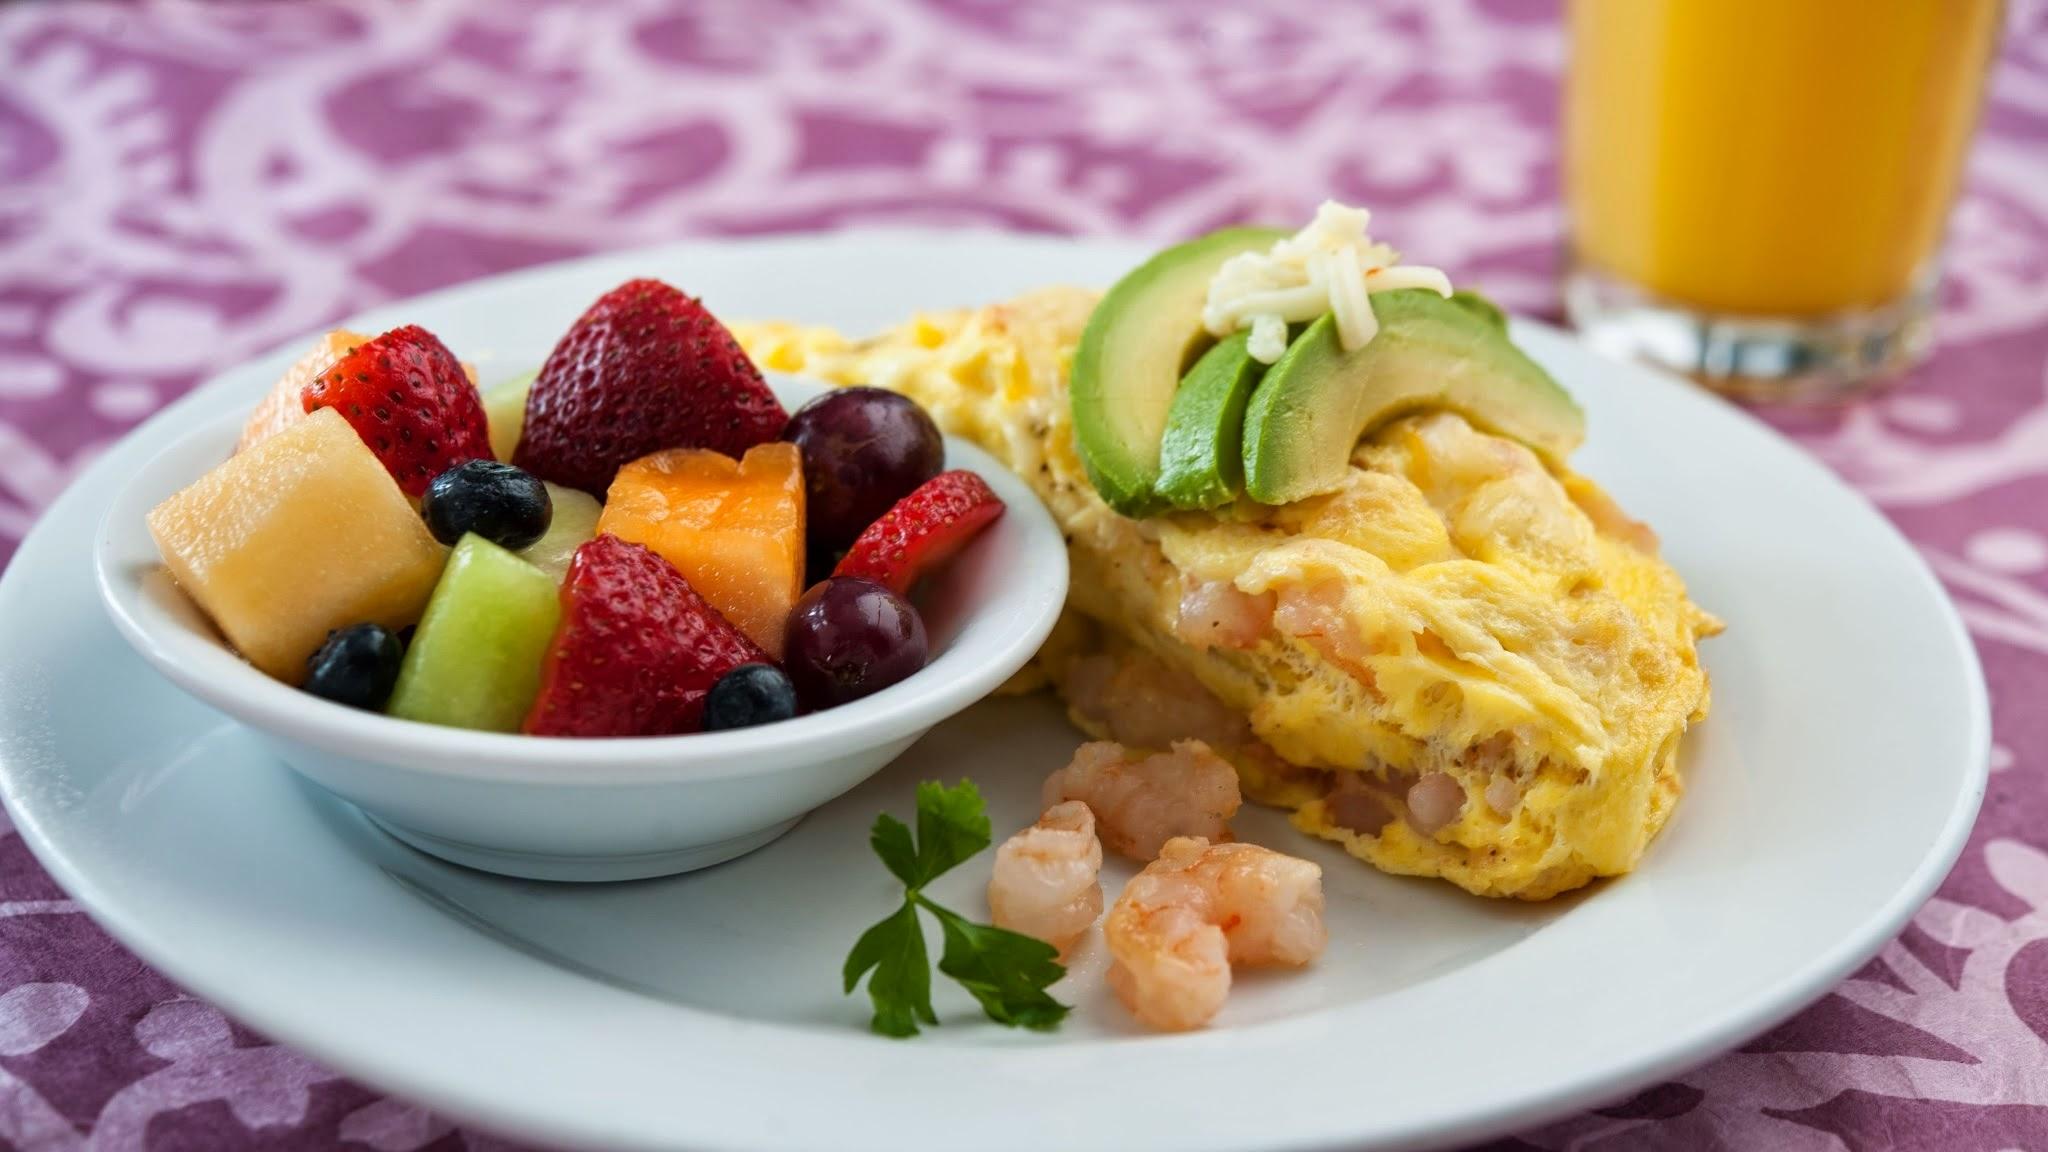 Olivia's Cafe image 2